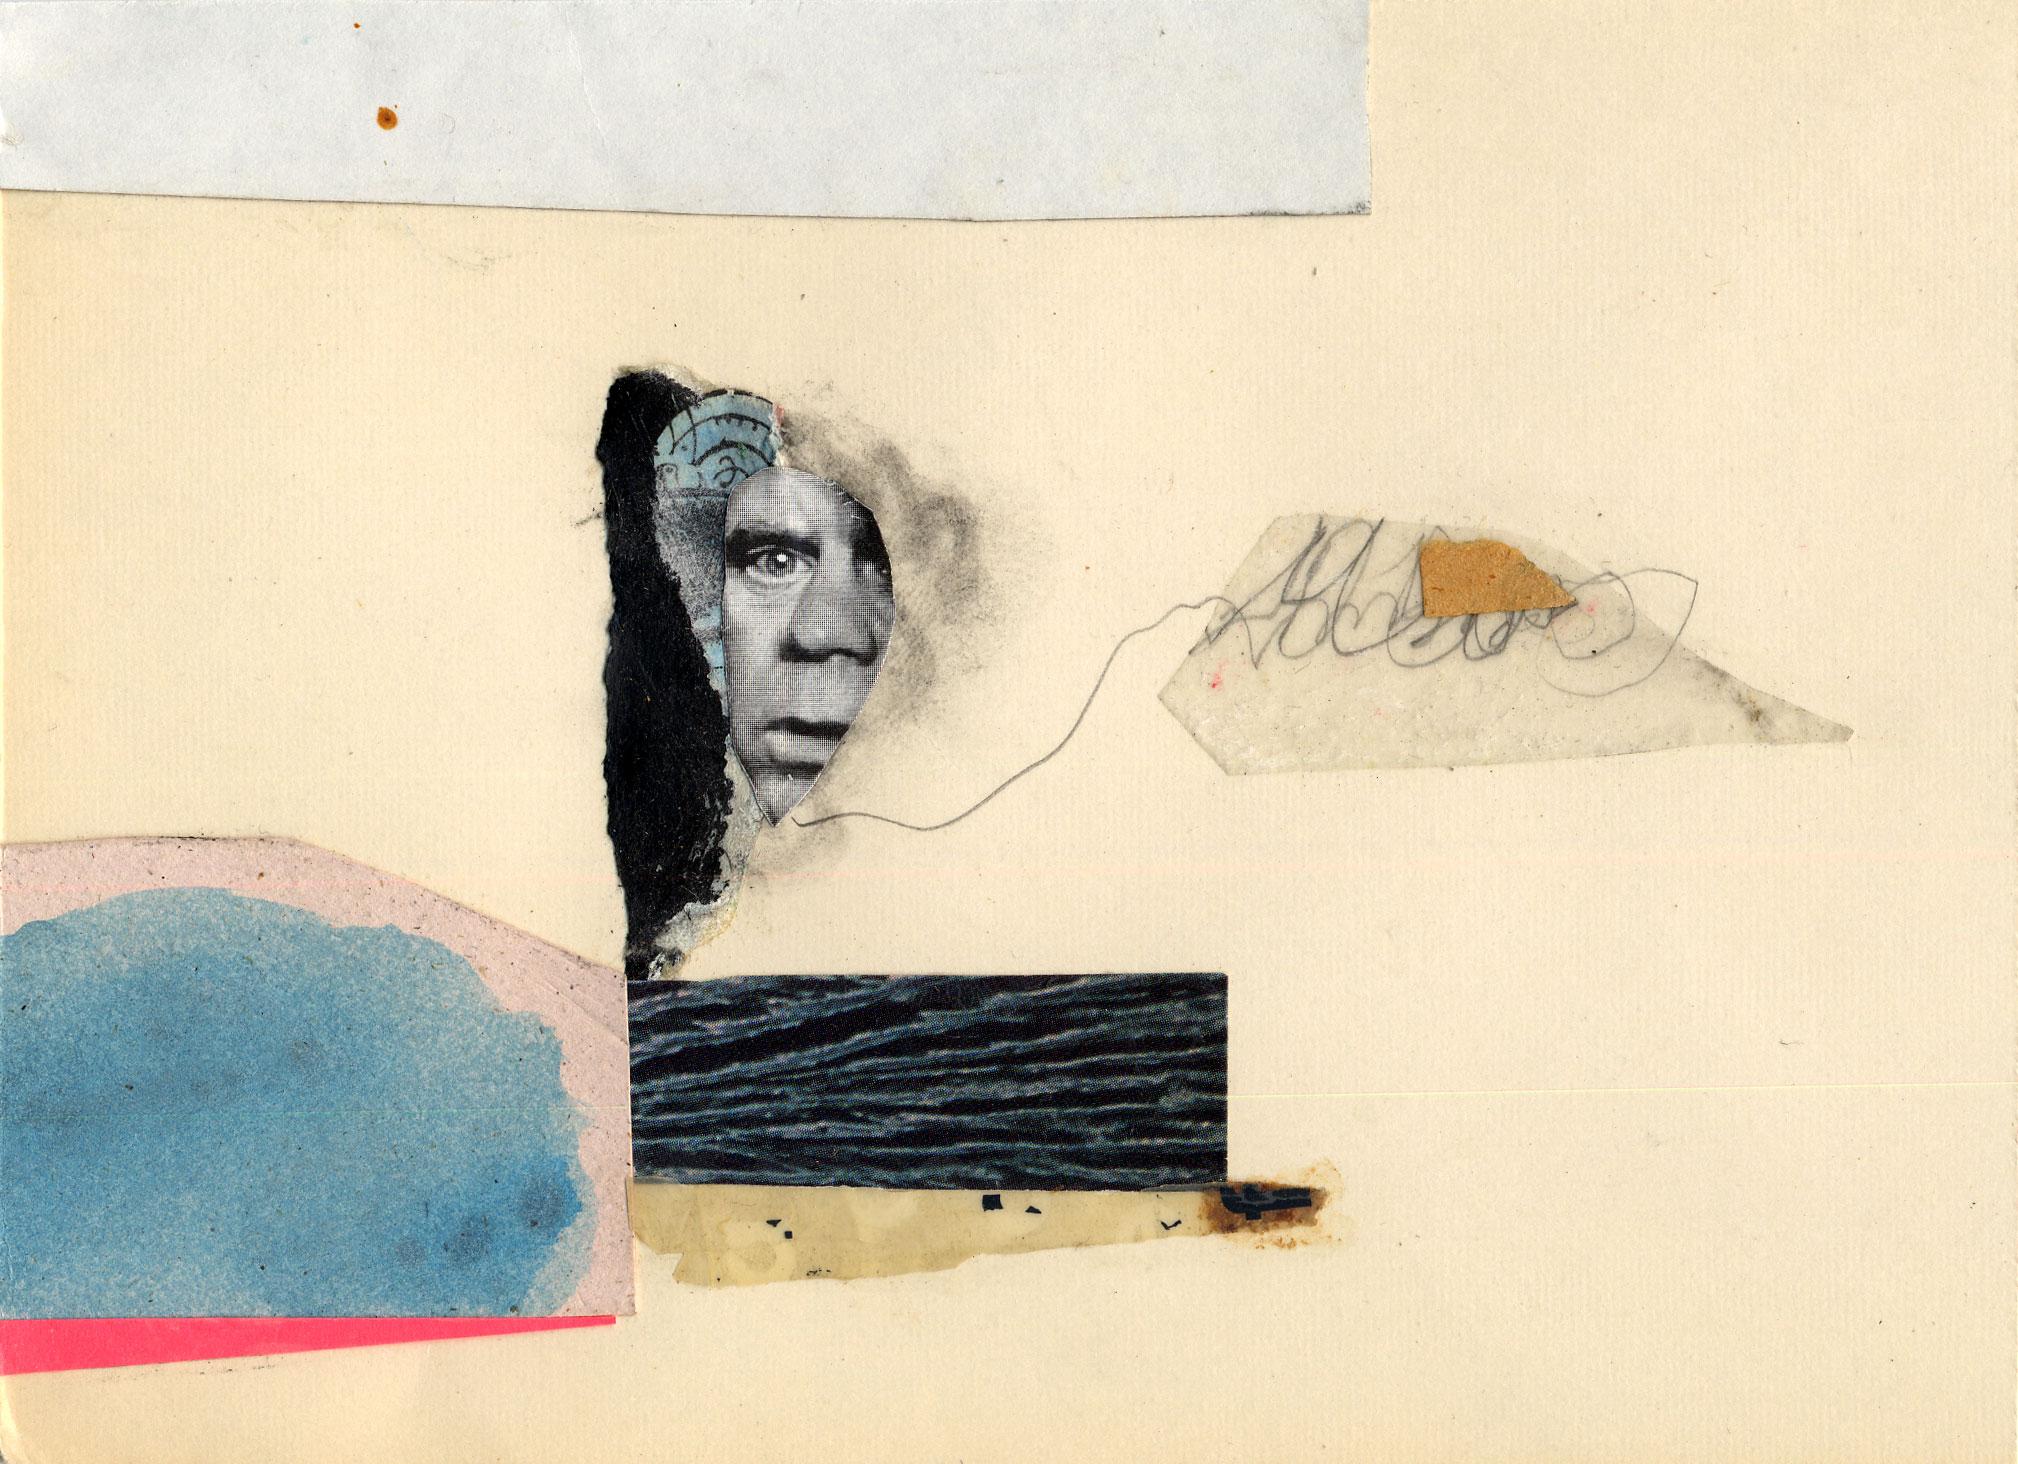 Hintergrundbilder : Zeichnung, Malerei, Illustration, Collage, Mauer ...